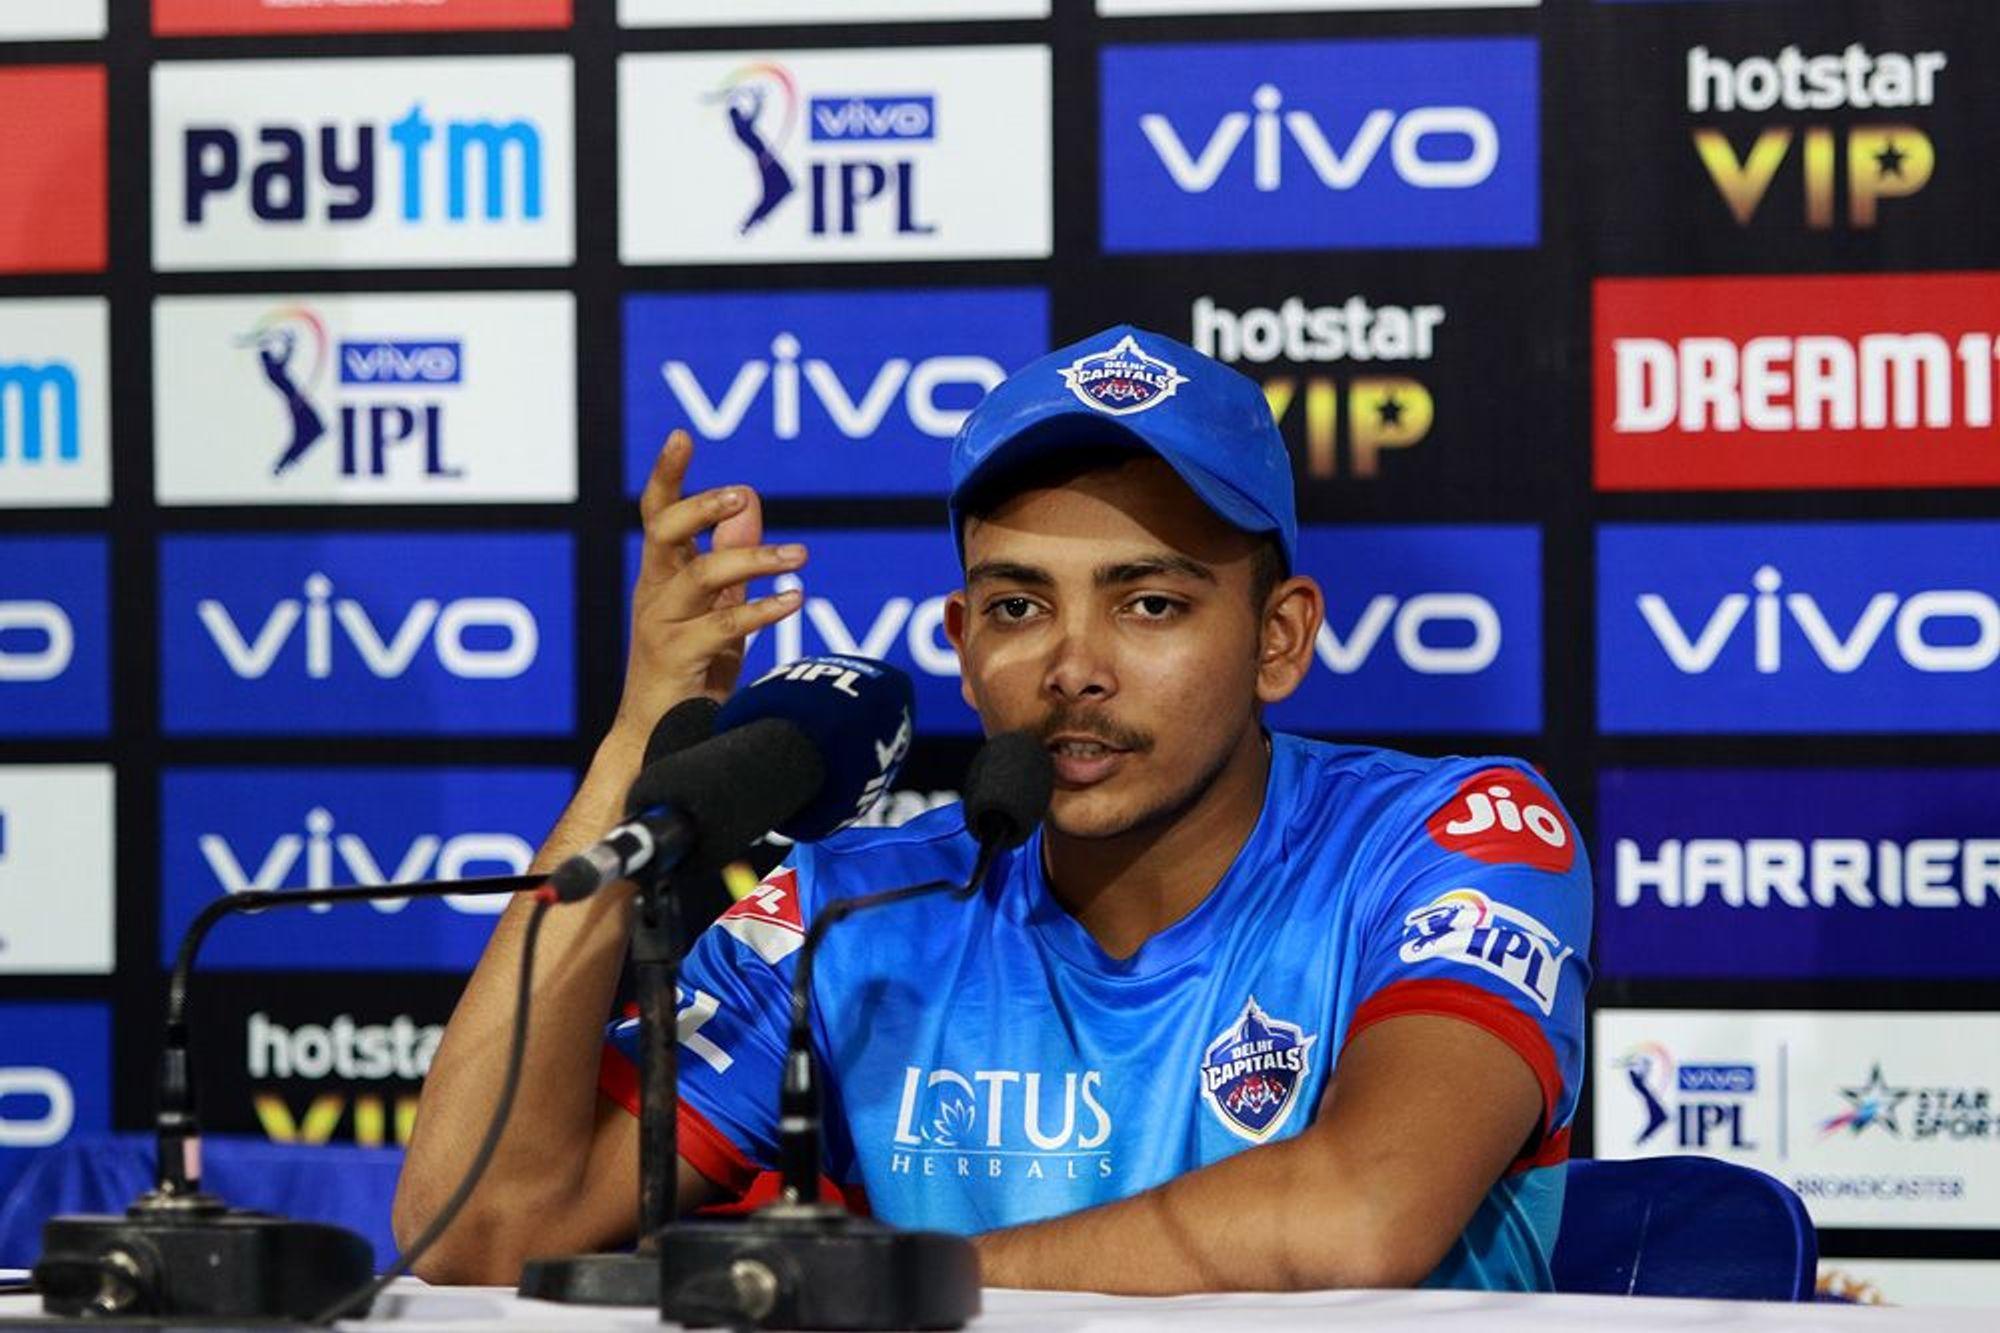 - आईपीएल 2019 के 40वें मुकाबले में राजस्थान रॉयल्स को हरा दिल्ली पॉइंट्स टेबल में पहले स्थान पर पहुंच गई थी. इस मैच में सबसे बड़े स्टार रहे रिषभ पंत थे. (PC - IPL)